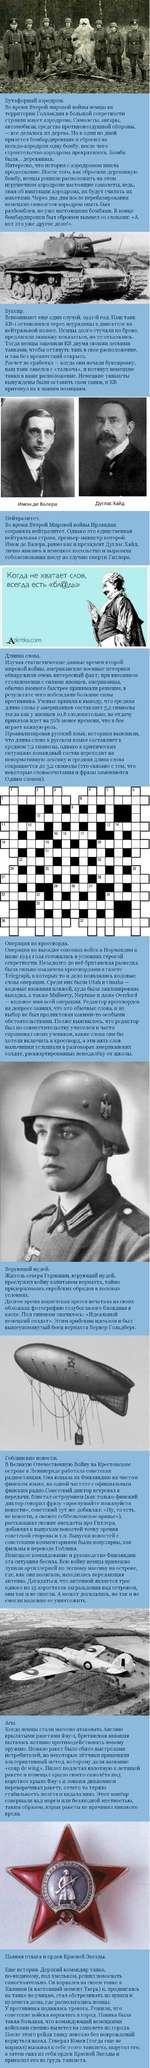 Бутафорный аэродром. Во время Второй мировой войны немцы на территории Голландии в большой секретности строили макет аэродрома. Самолеты, ангары, автомобили, средства противовоздушной обороны, - все делалось из дерева. Но в один из дней прилетел бомбардировщик и сбросил на псевдо-аэродром одну бо